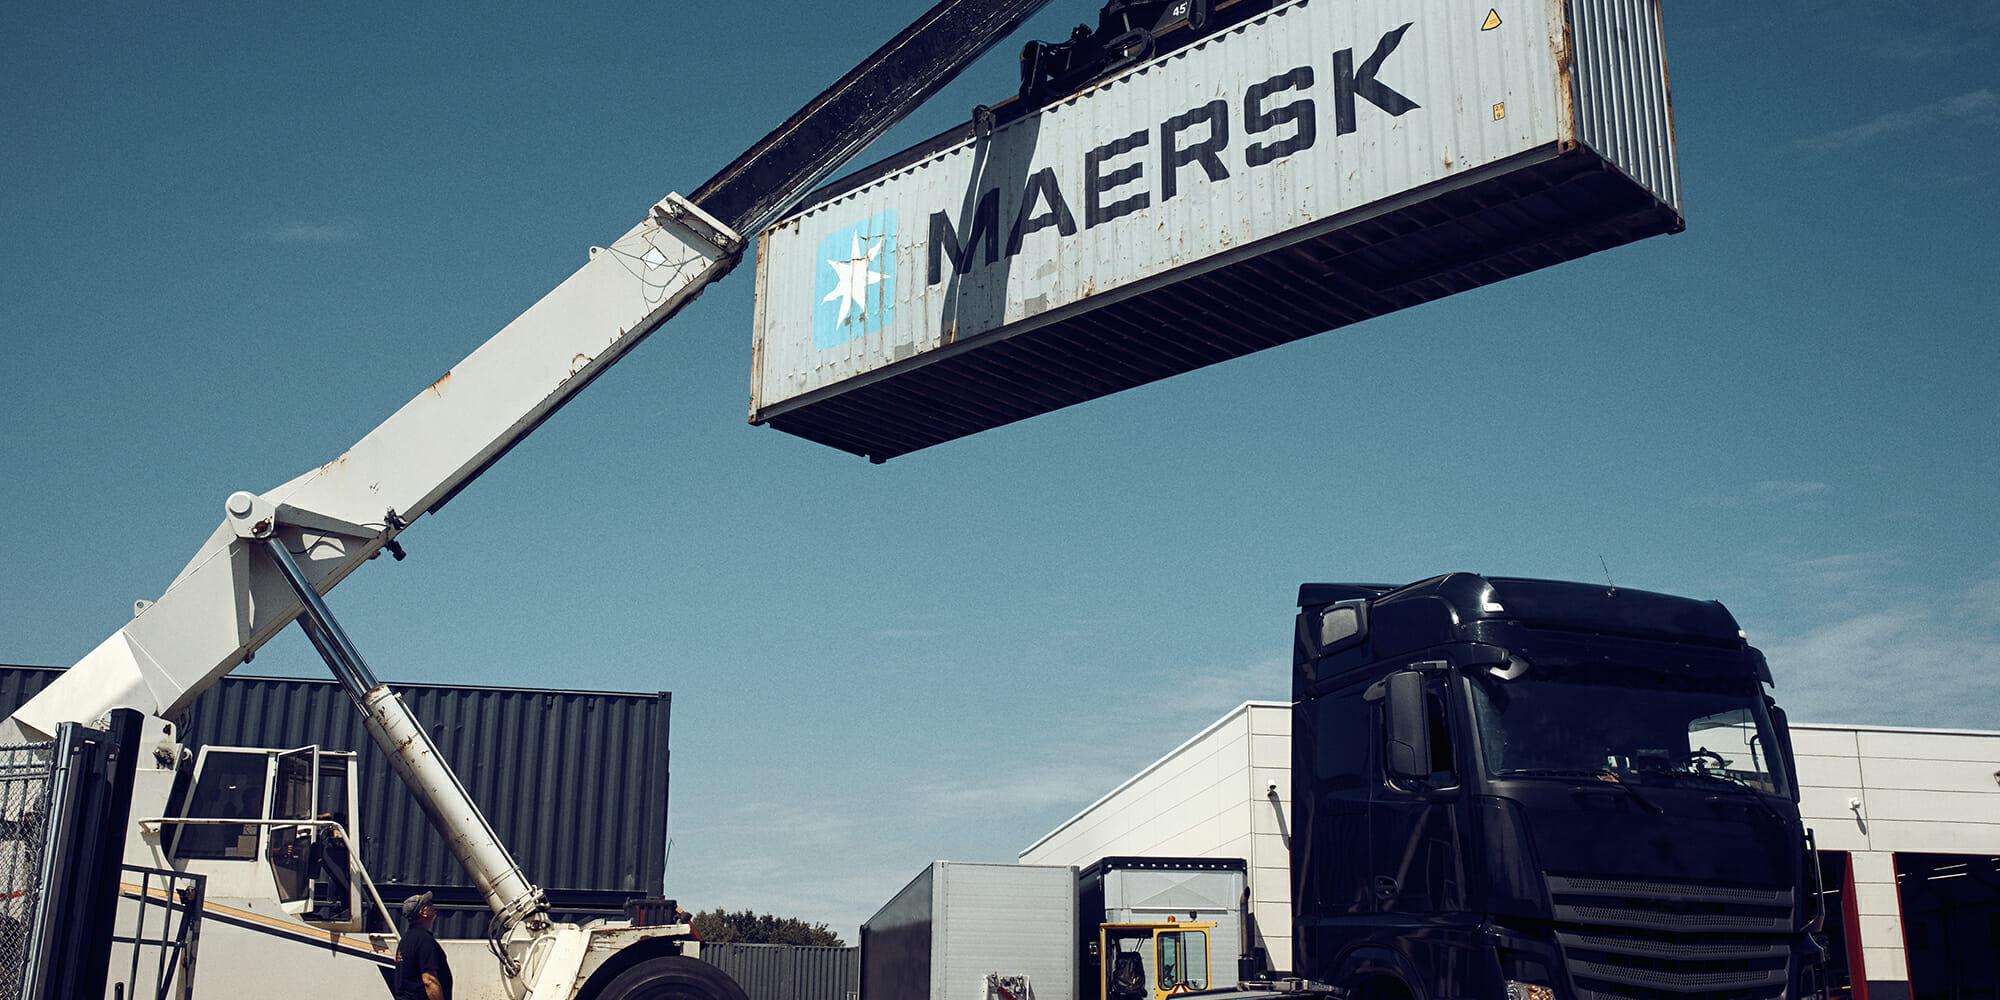 En Mærsk-container